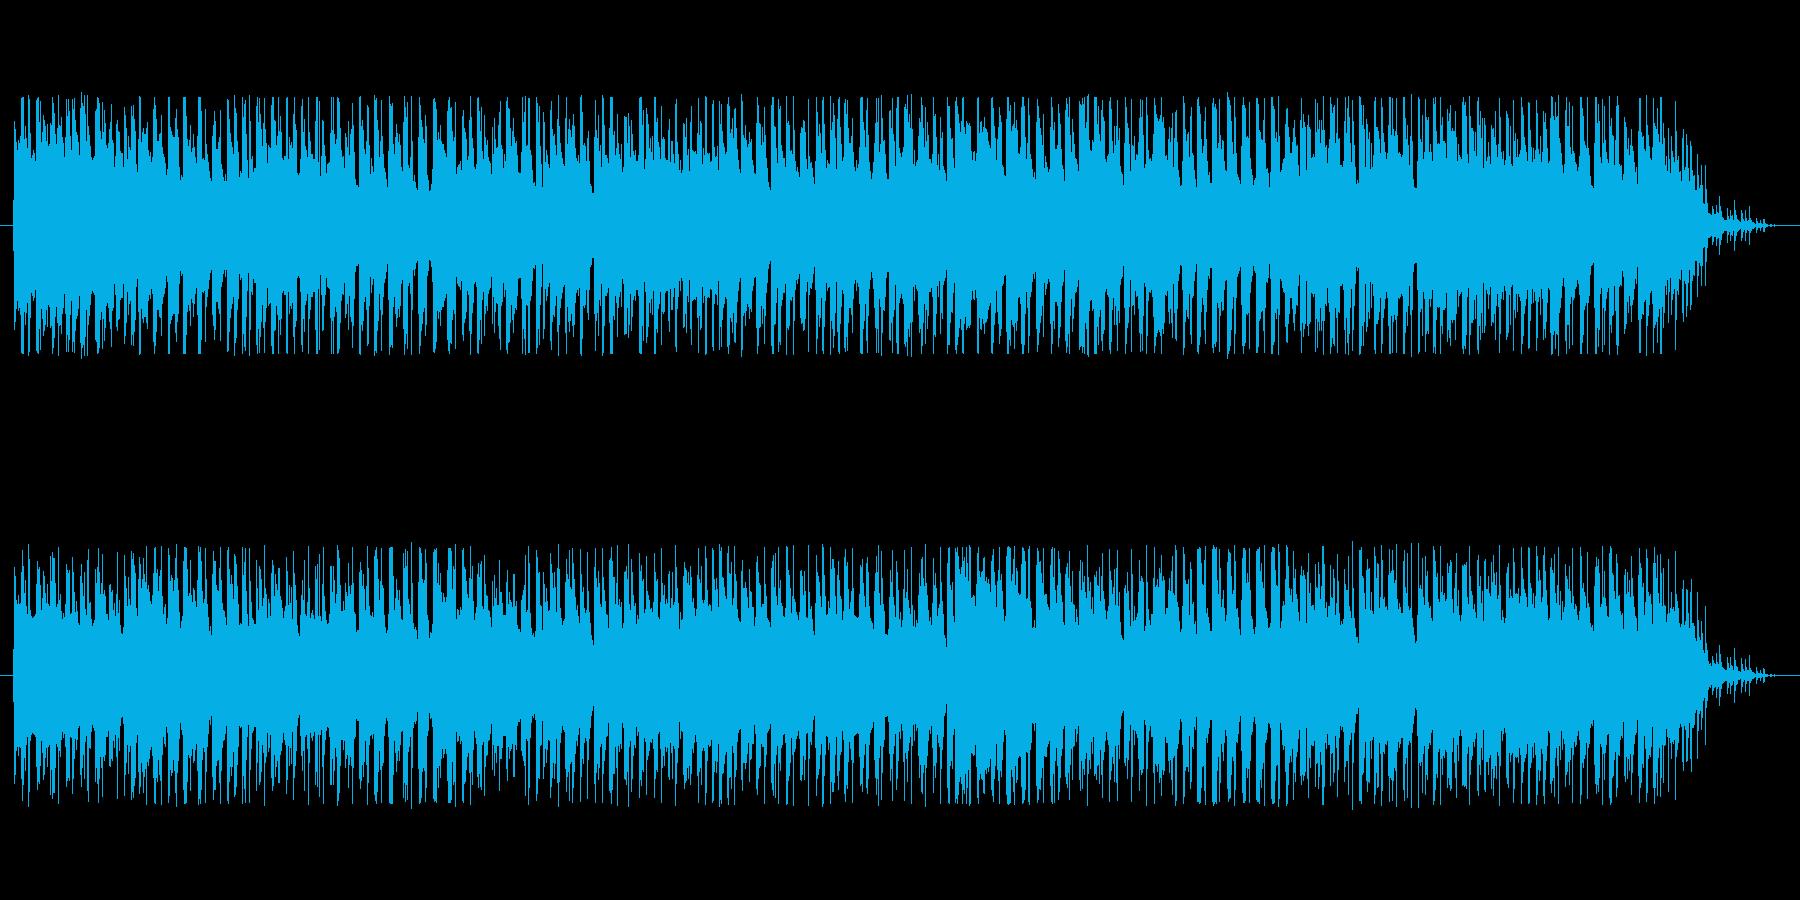 【パロディー】カウボーイと言えばあの感じの再生済みの波形